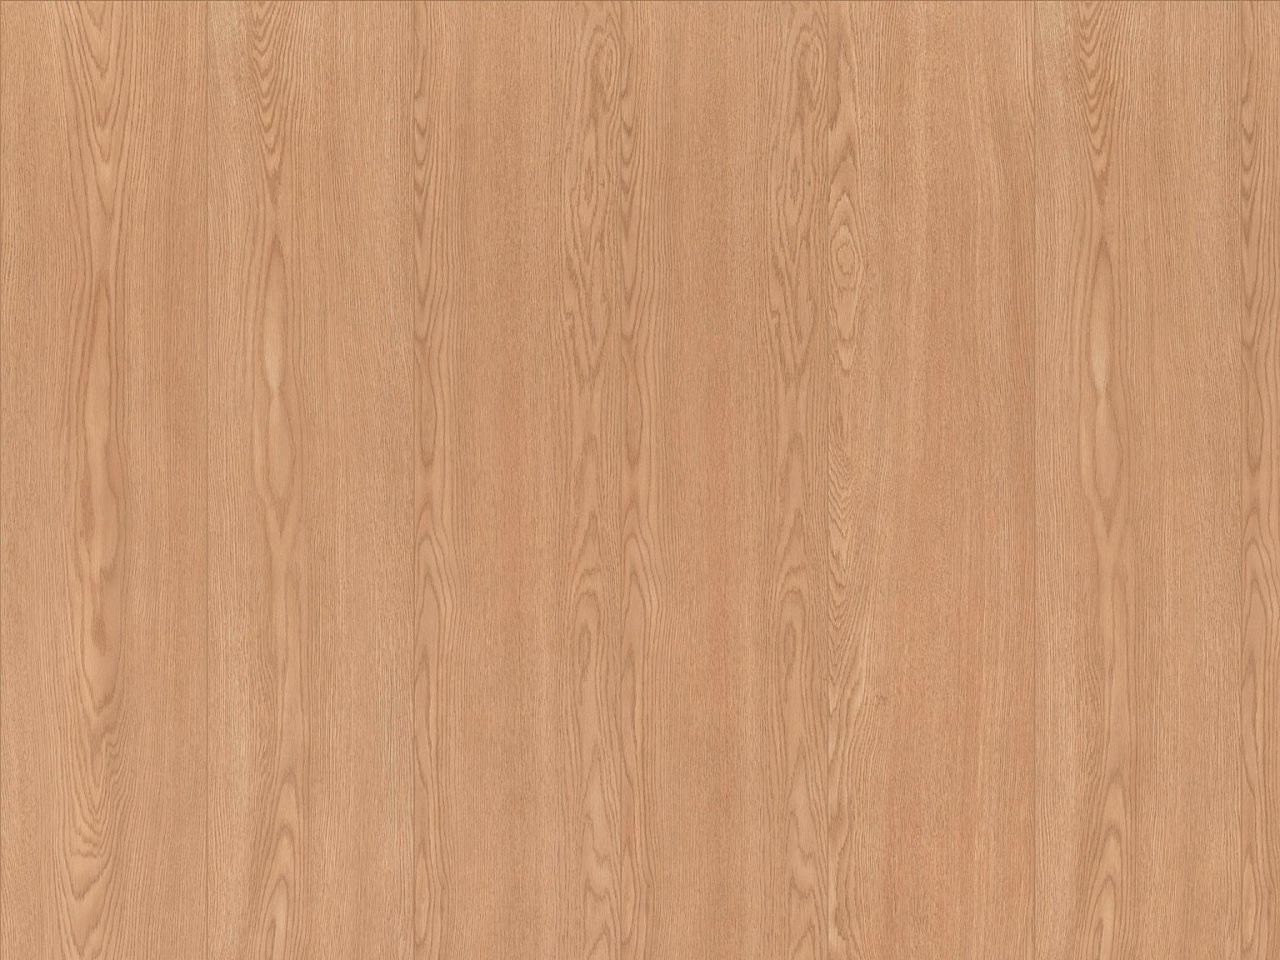 Laminatboden Oak Gallery Format L – Grained Oak Brown, LV4171